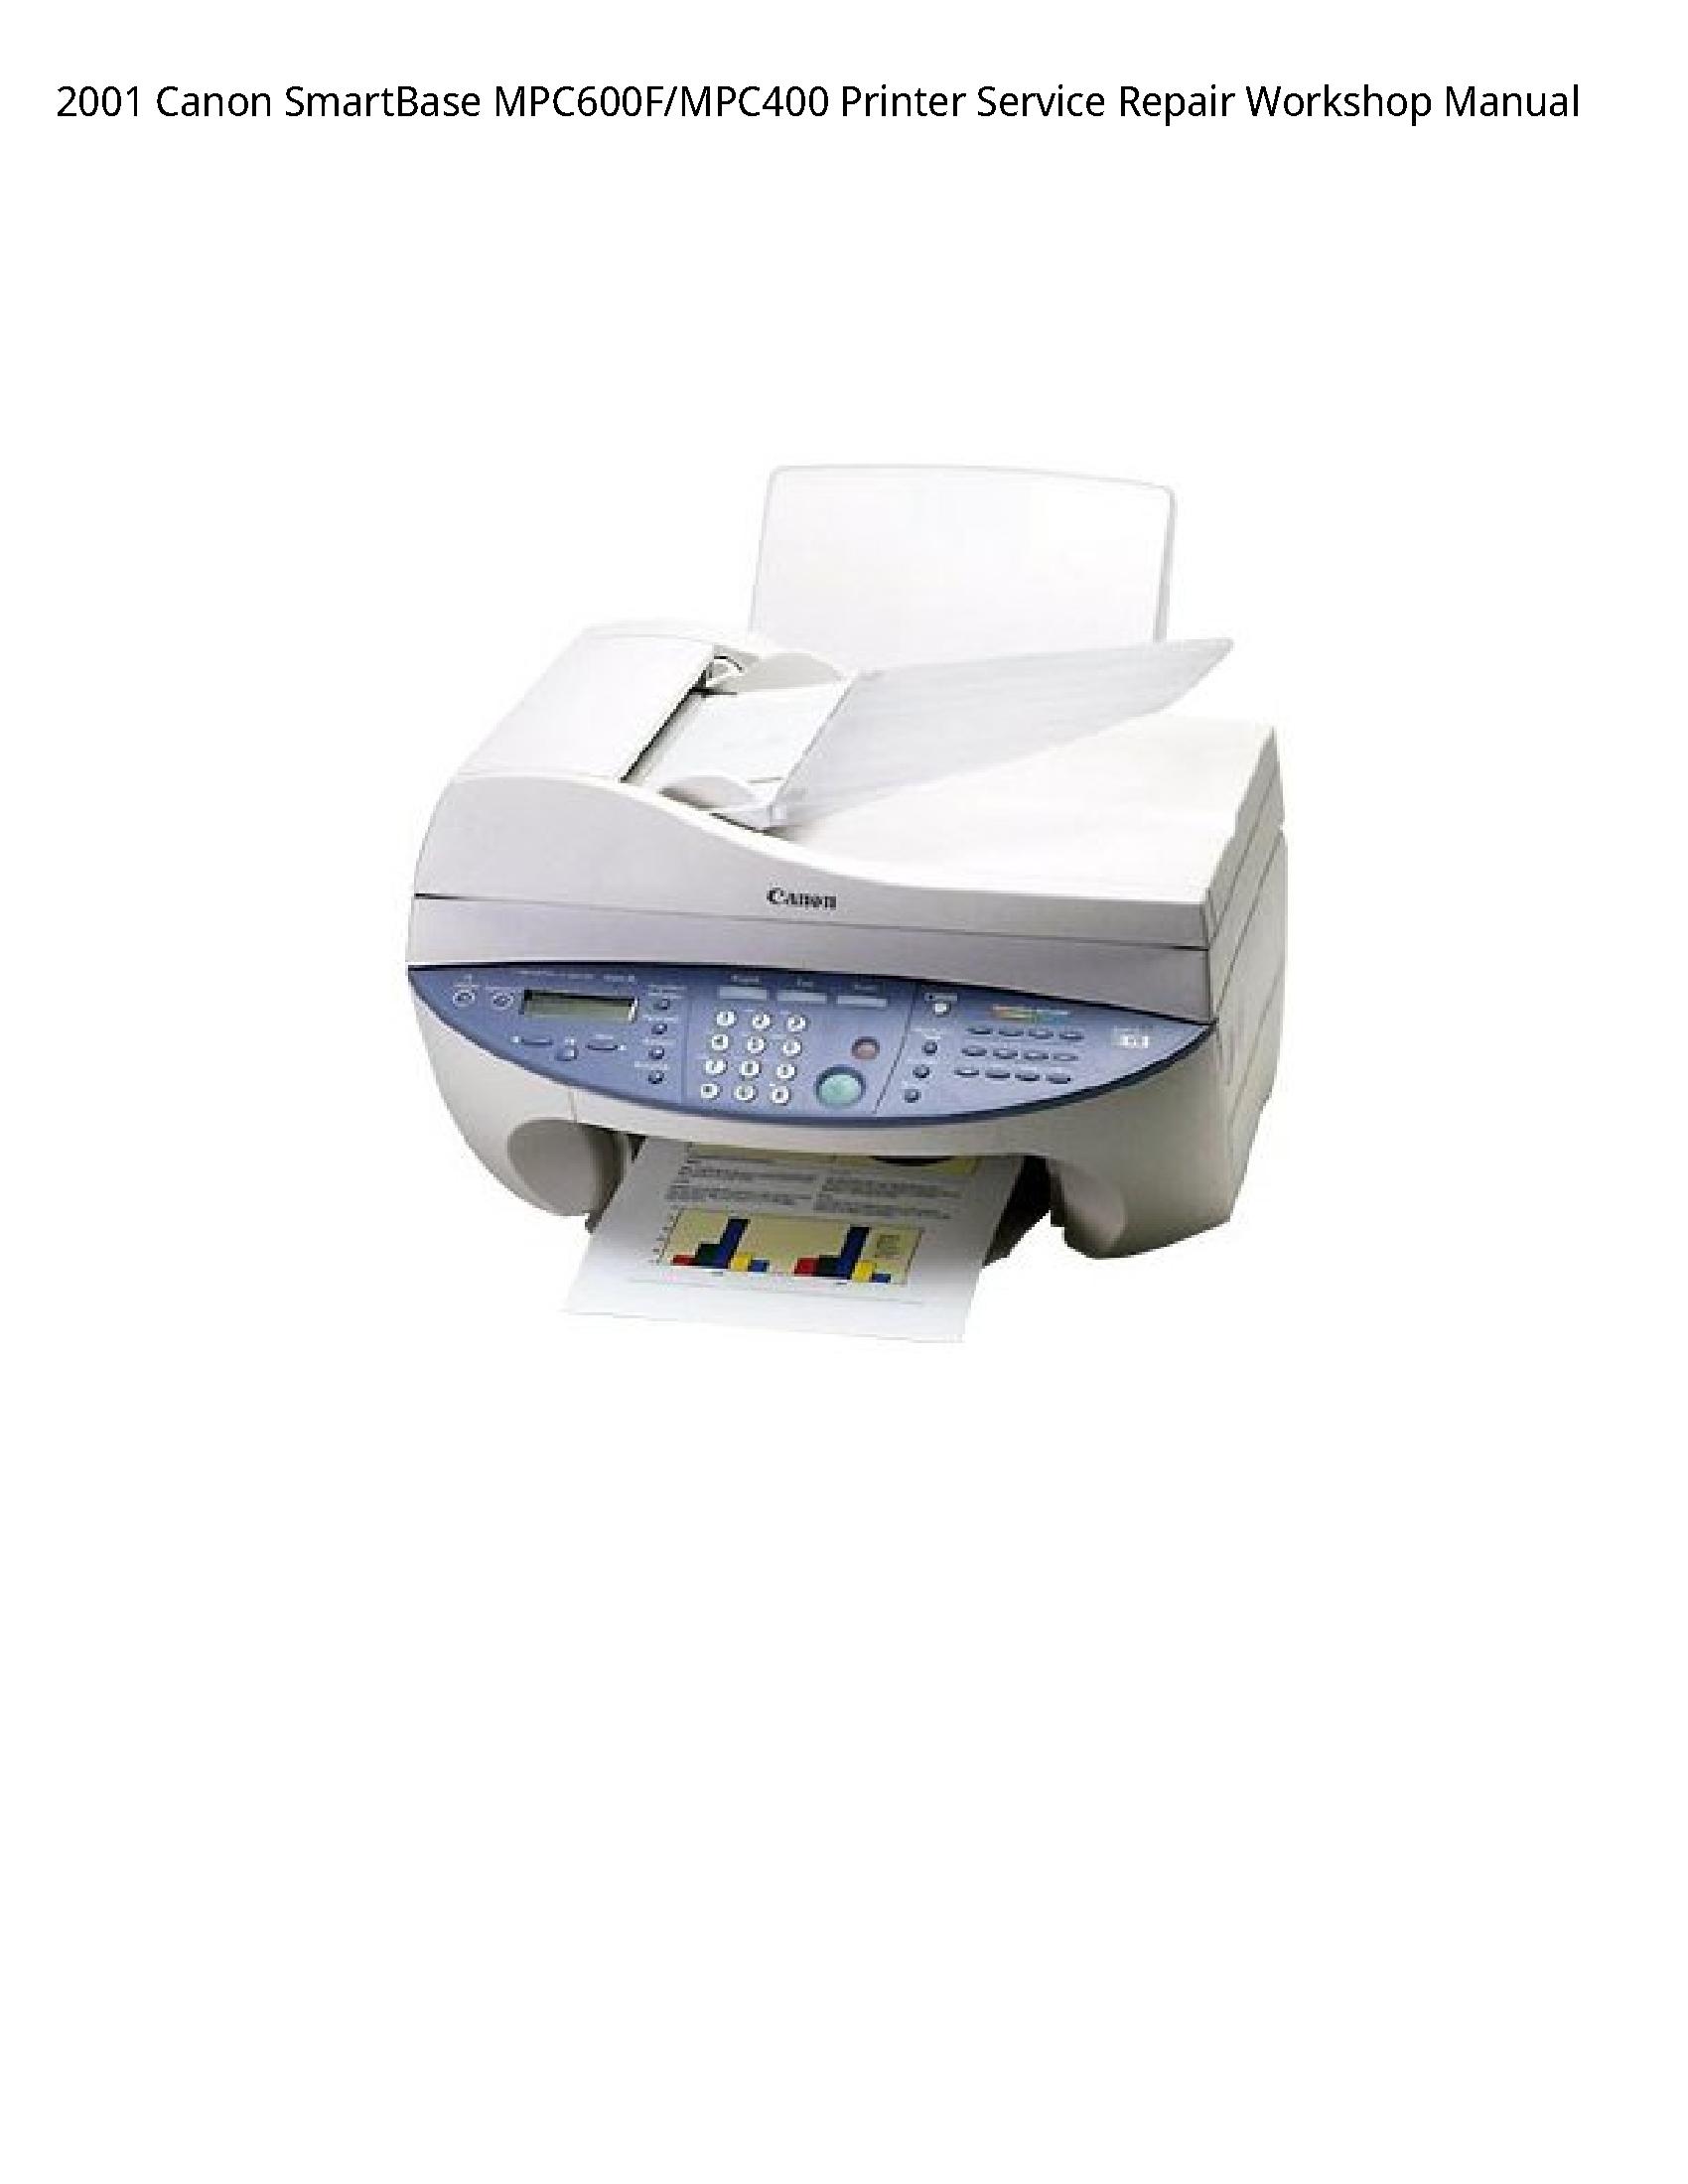 Canon MPC600F SmartBase Printer manual